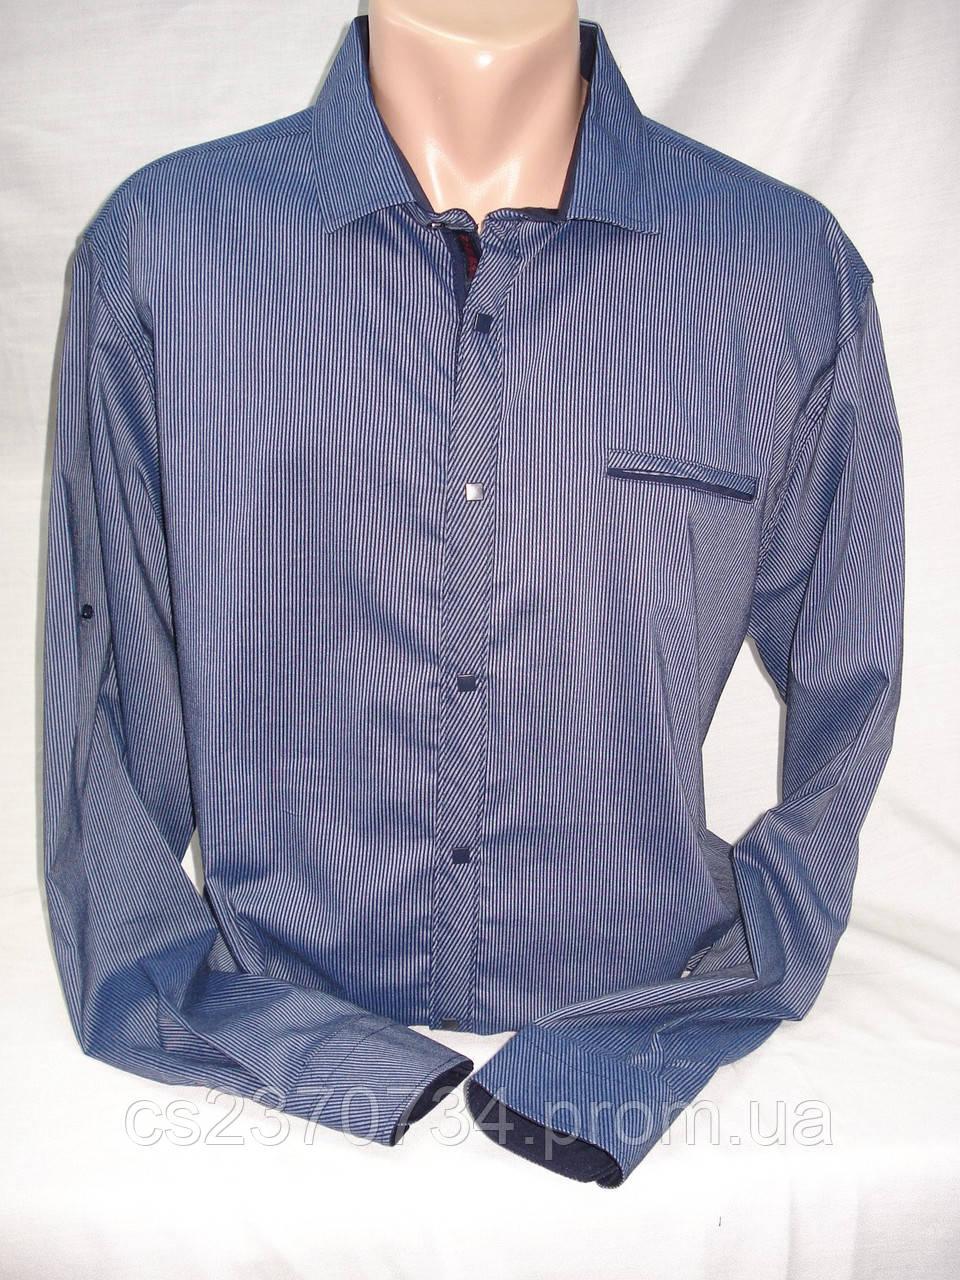 Рубашка мужская притал. ZOMANA синяя в мелкую полоску.(M,L,XL,2XL,3XL)